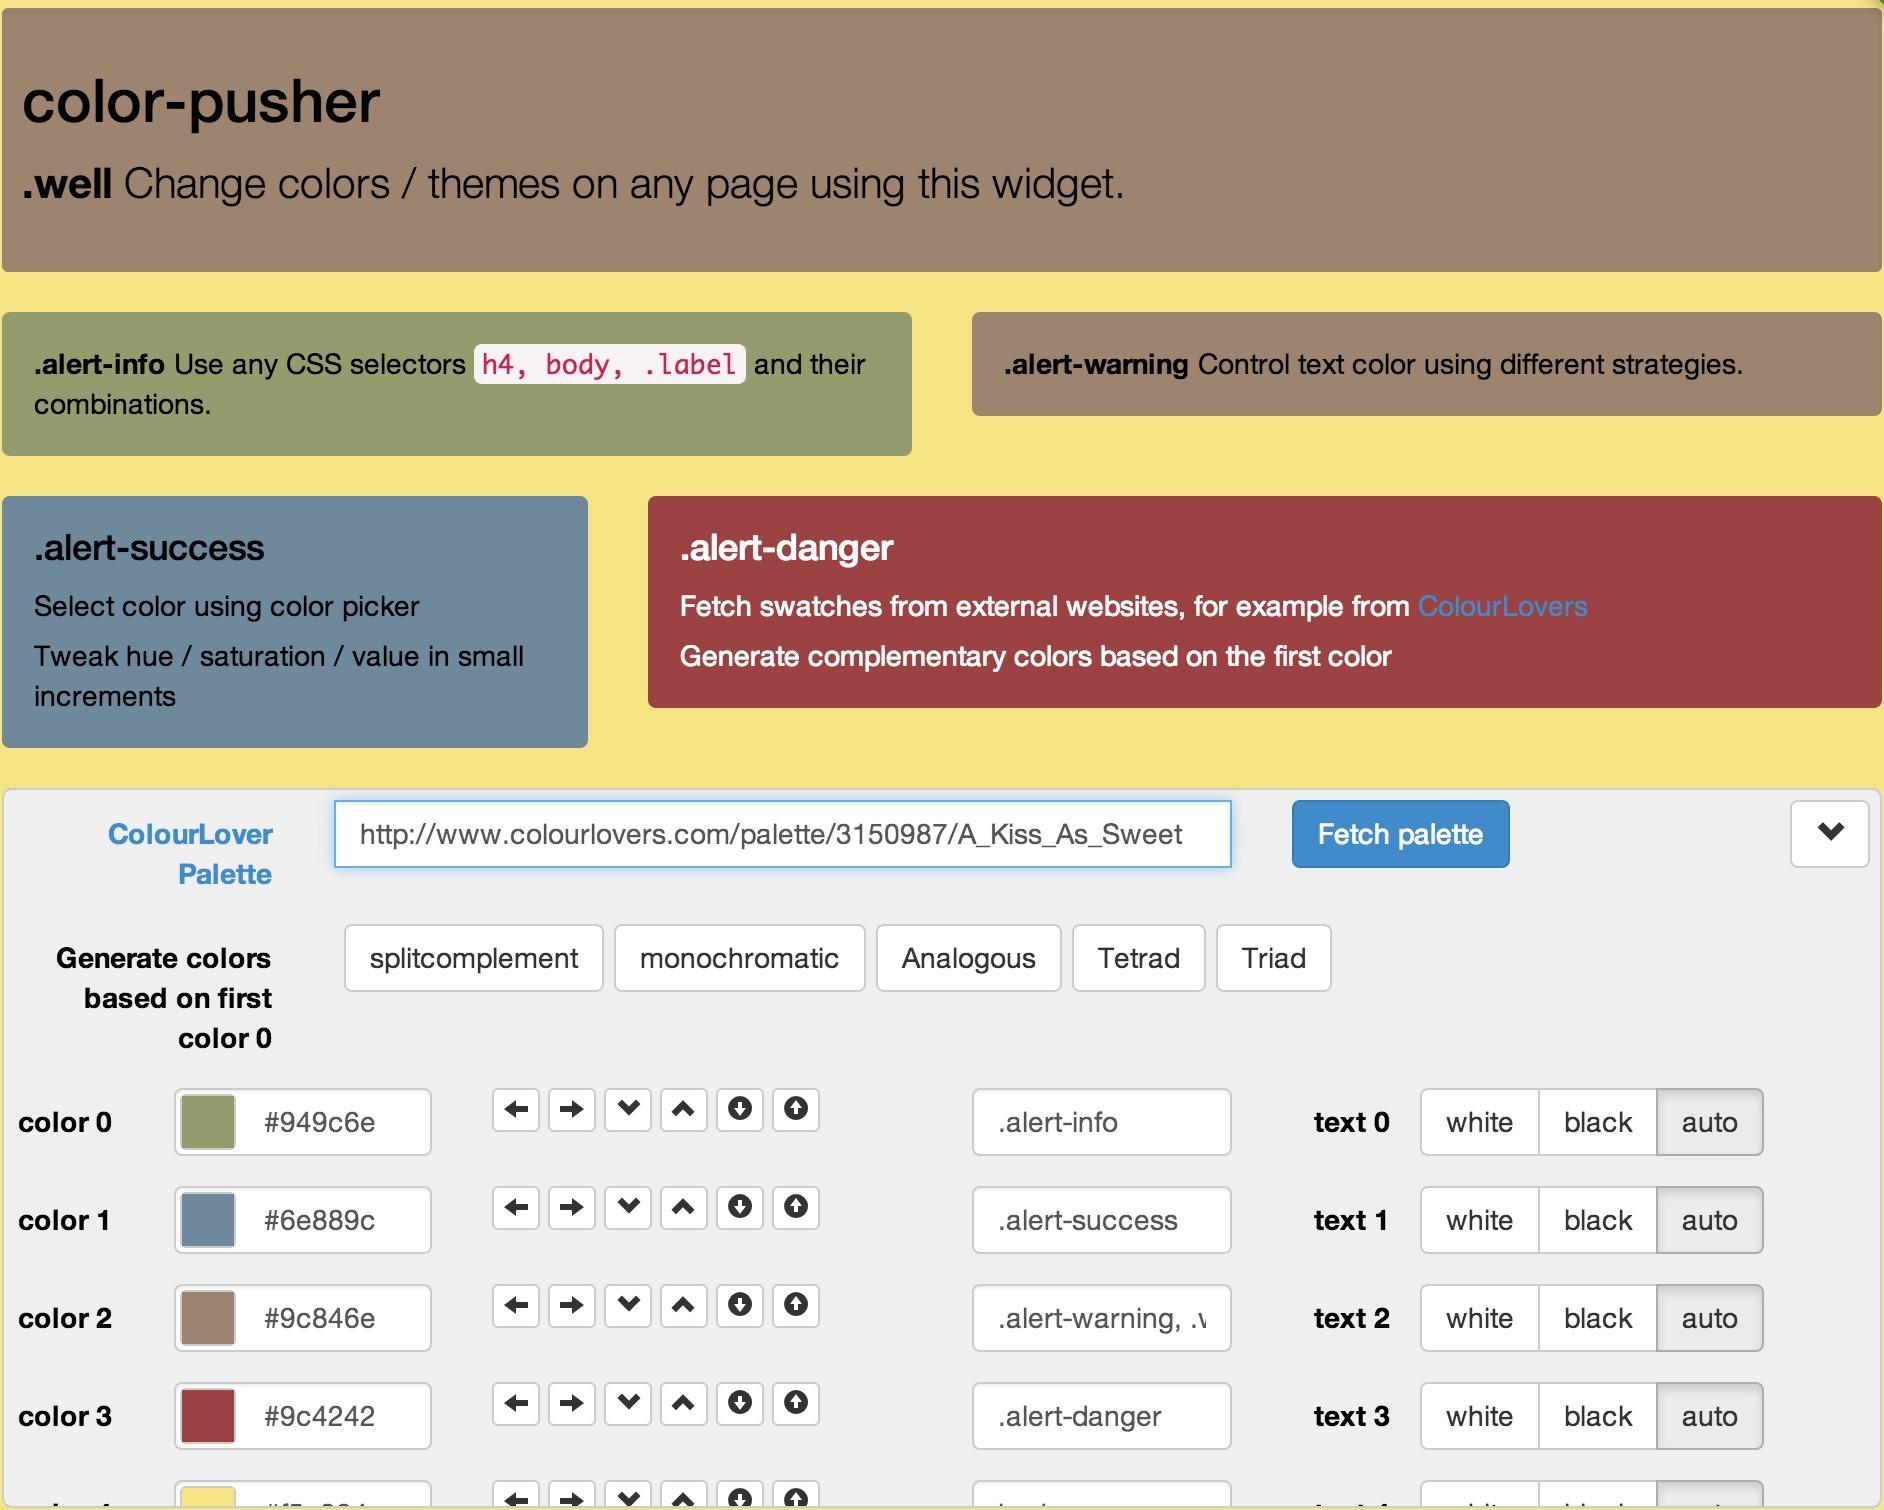 color-pusher - npm